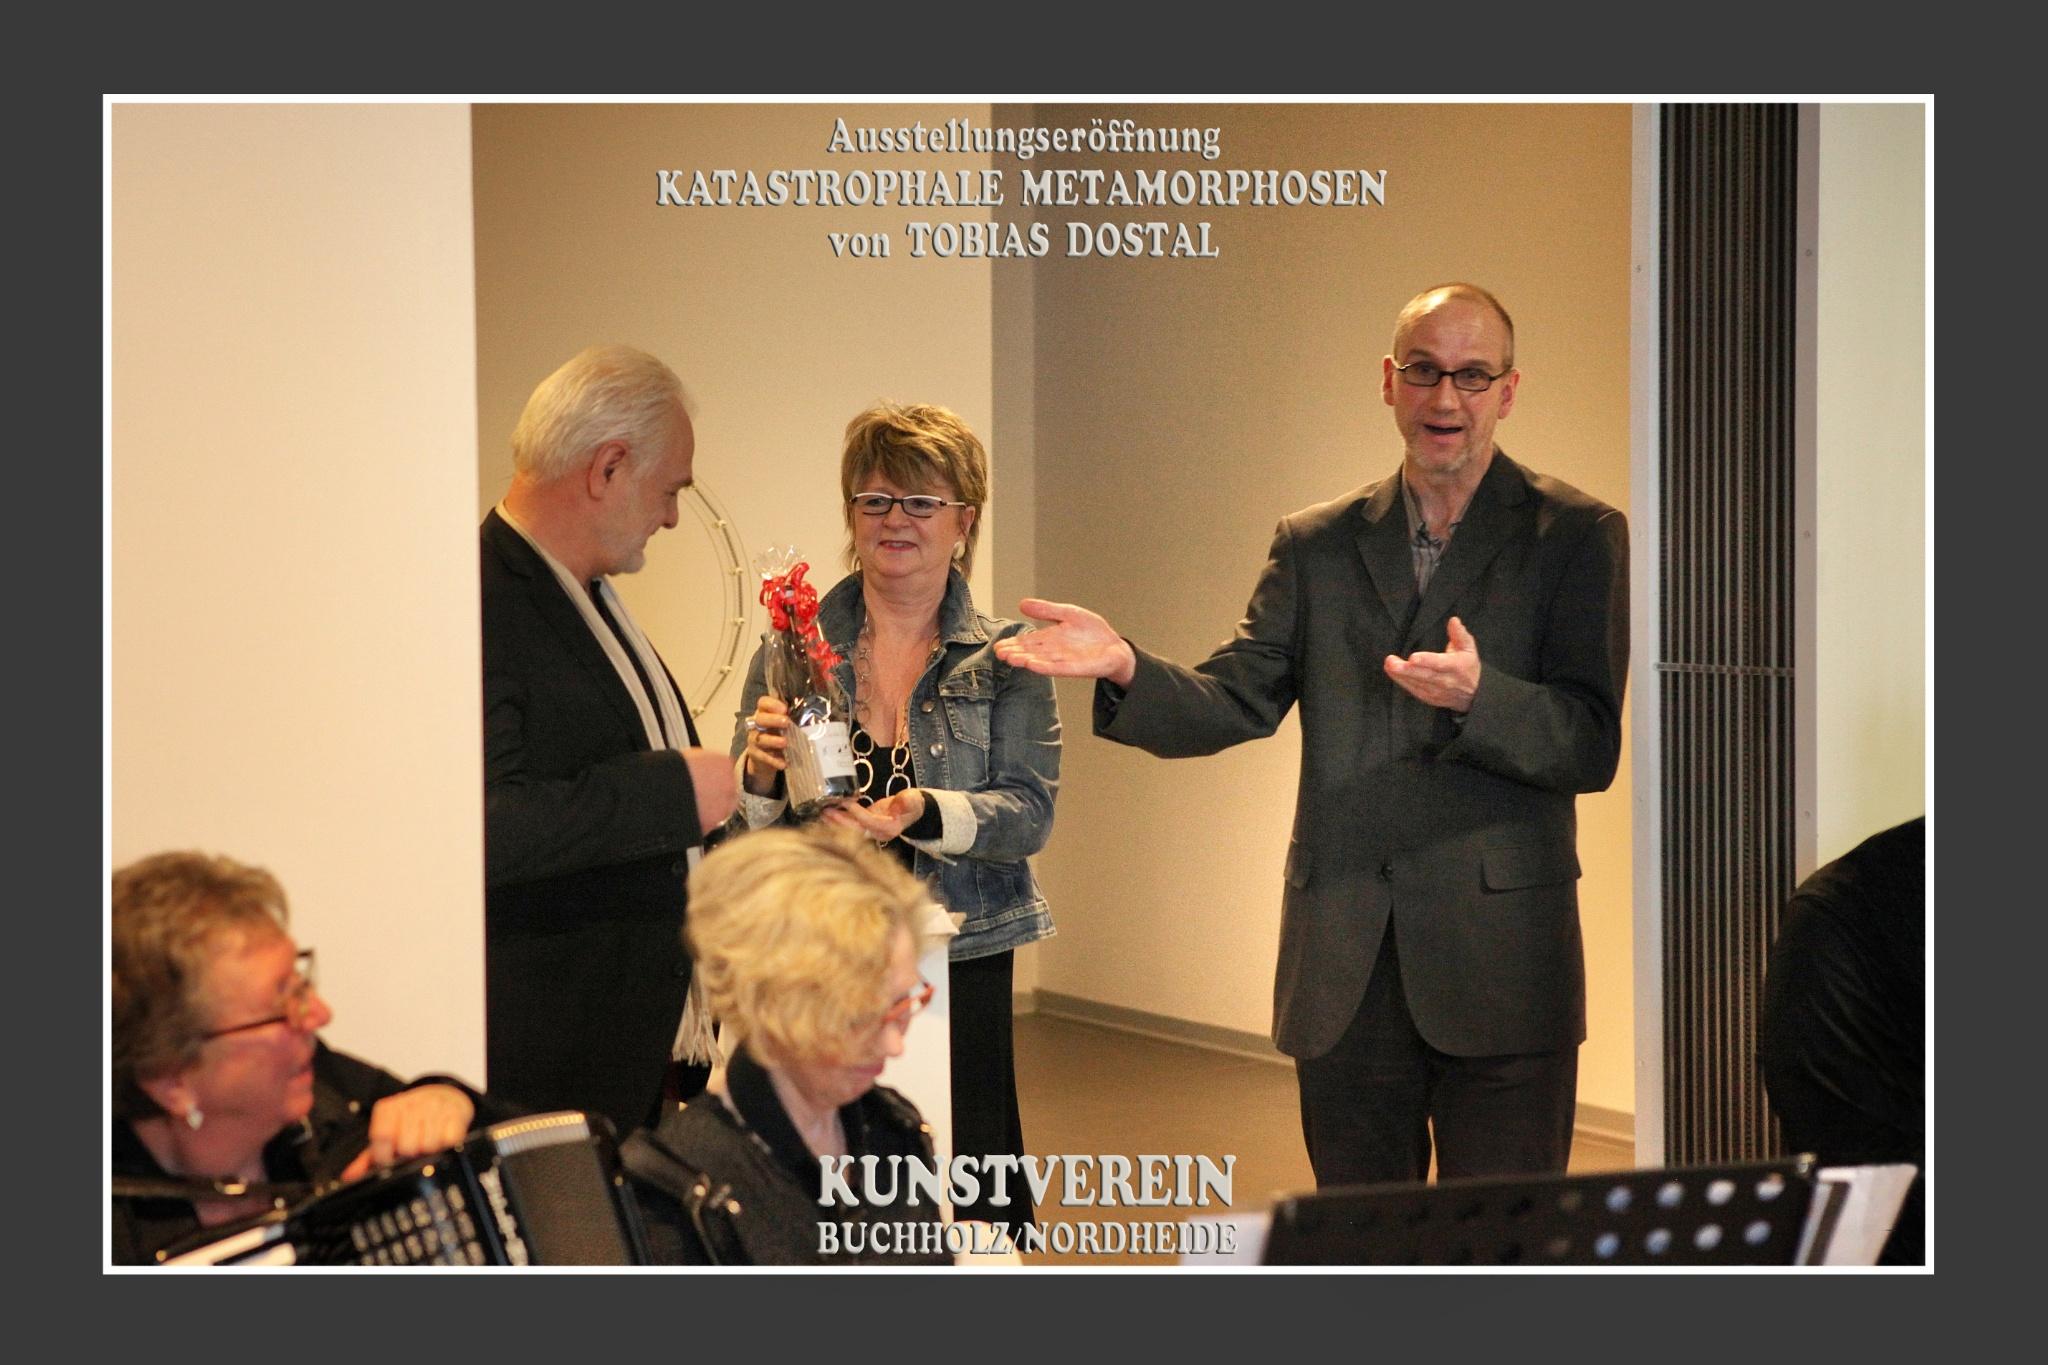 KUNSTVEREIN Buchholz/Nordheide Wittus Witt; Dr. Sven Nommensen;